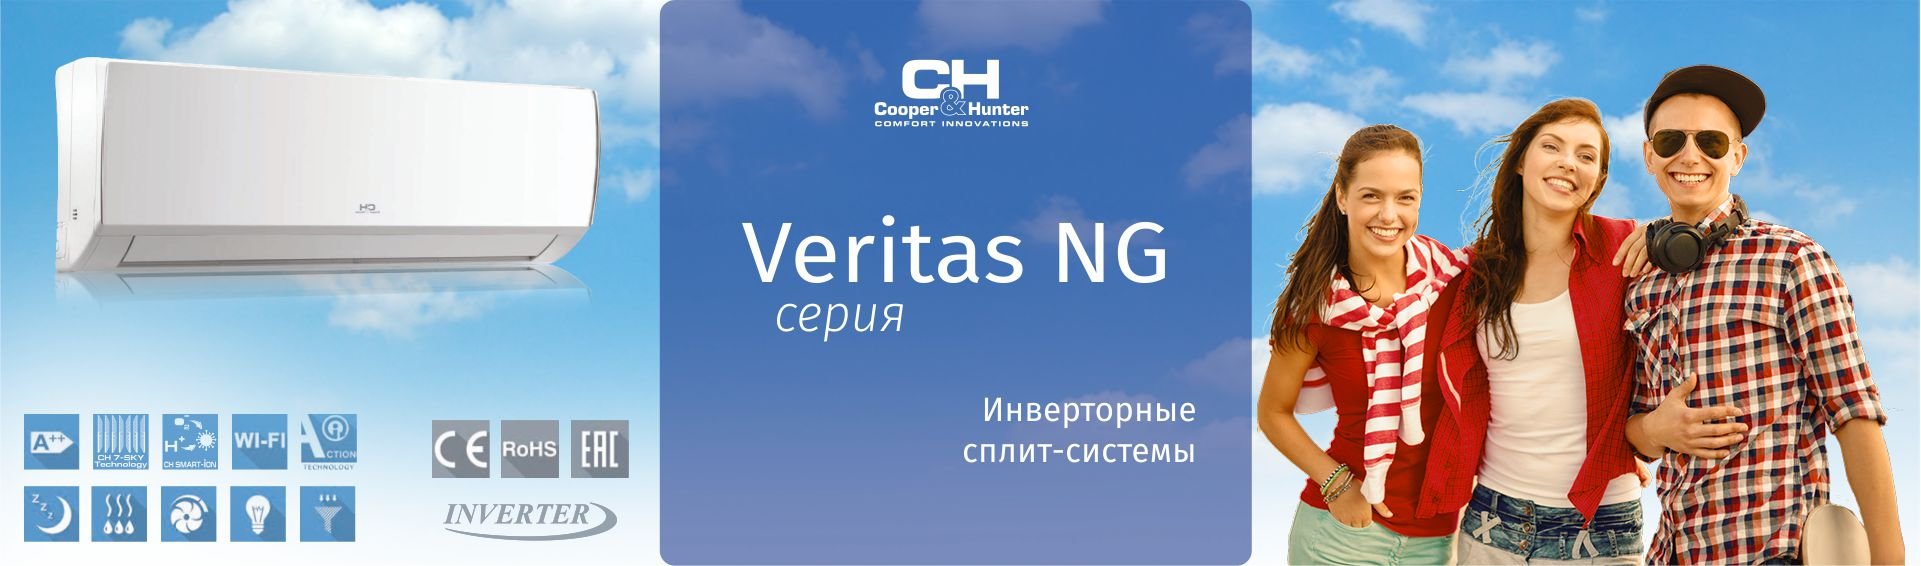 Серия Veritas NG